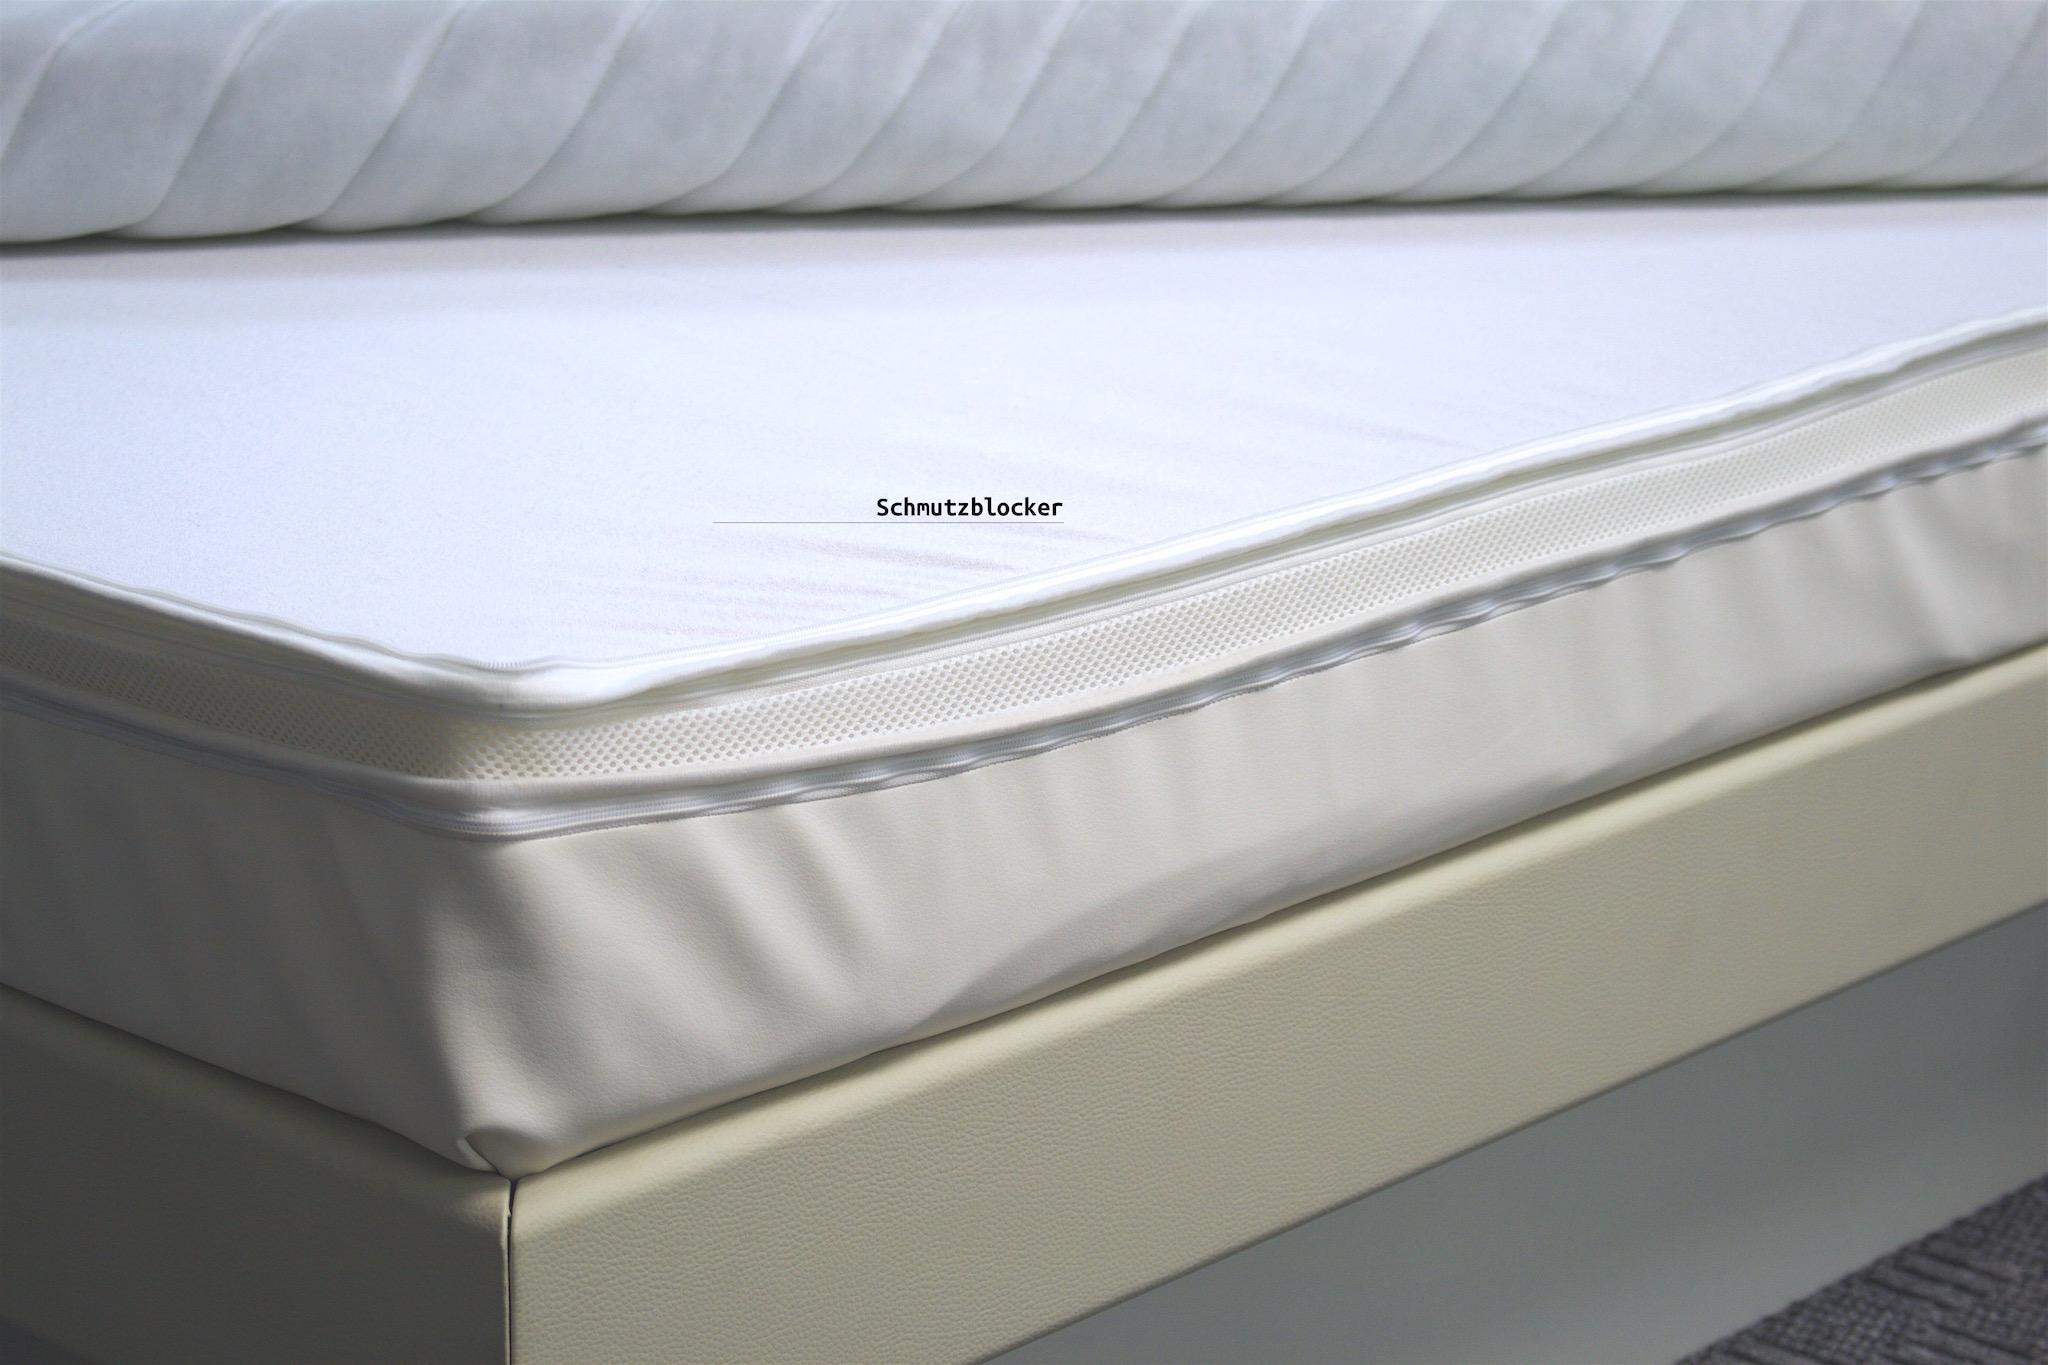 Full Size of Wasser Bett Topliner Premium Zip Fr Wasserbetten 160x200 Komplett Tempur Betten überlänge Ottoversand Hülsta 180x200 Weiß Clinique Even Better 80x200 Bett Wasser Bett